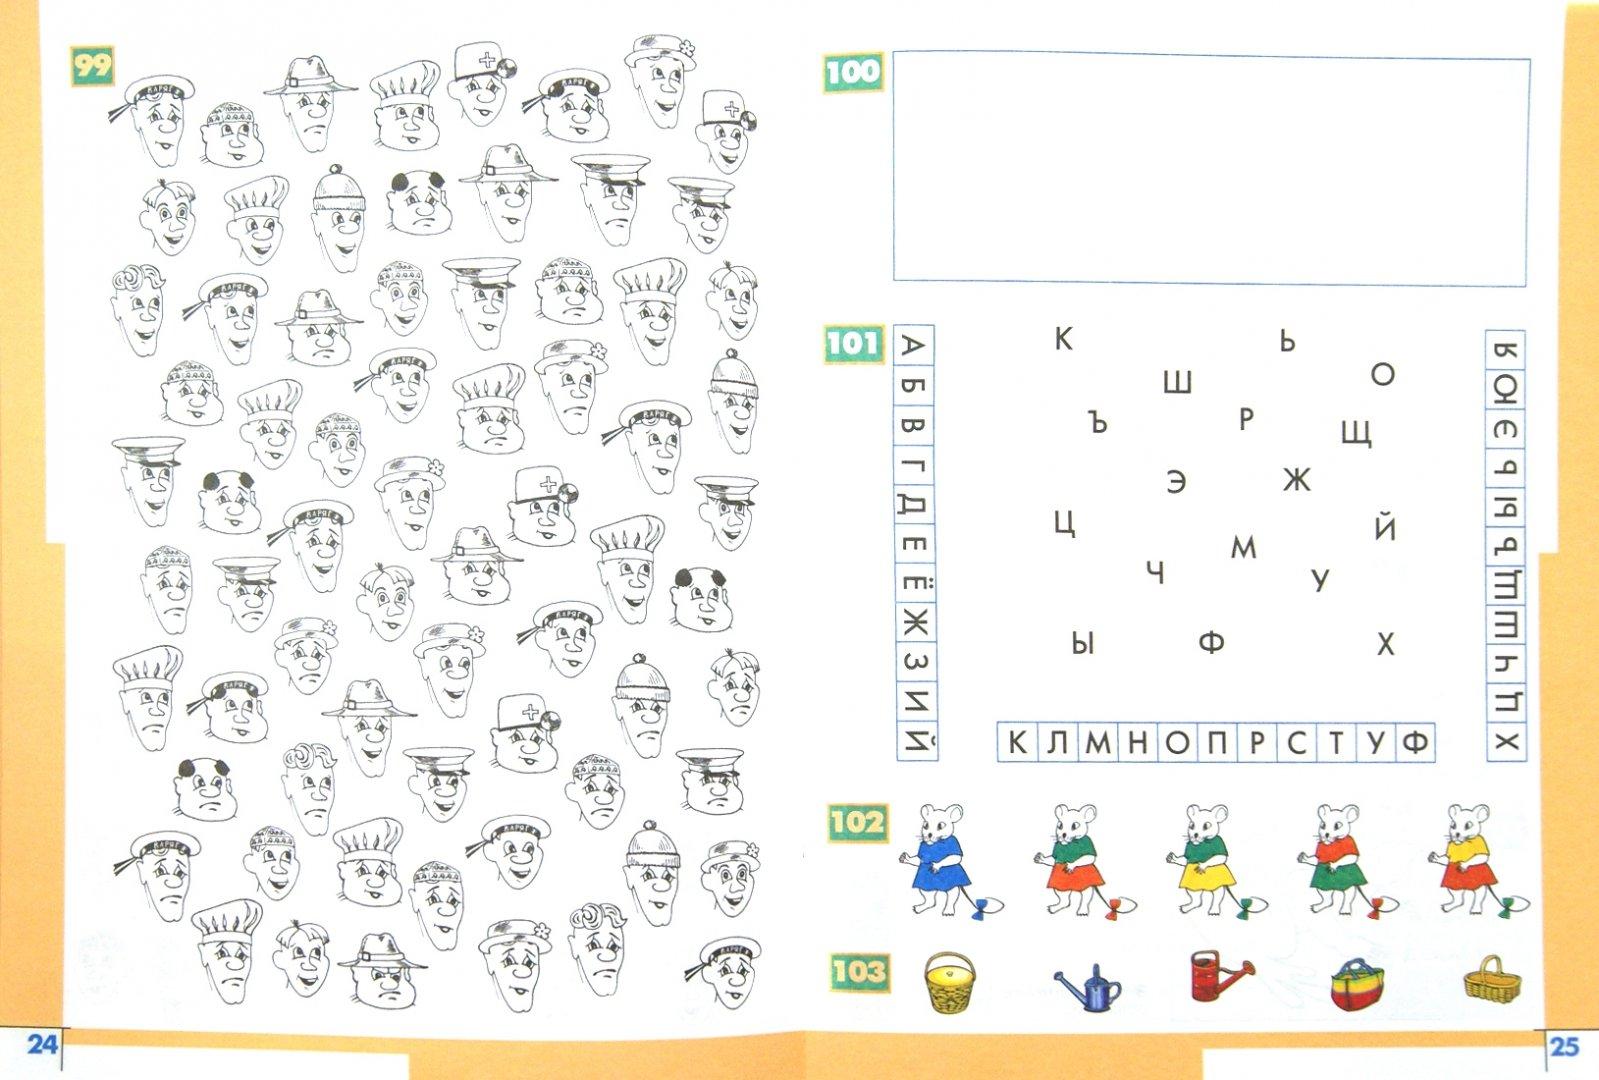 Иллюстрация 1 из 22 для Информатика. 3 класс. Рабочая тетрадь. В 3-х частях. Часть 1. ФГОС - Семенов, Рудченко   Лабиринт - книги. Источник: Лабиринт